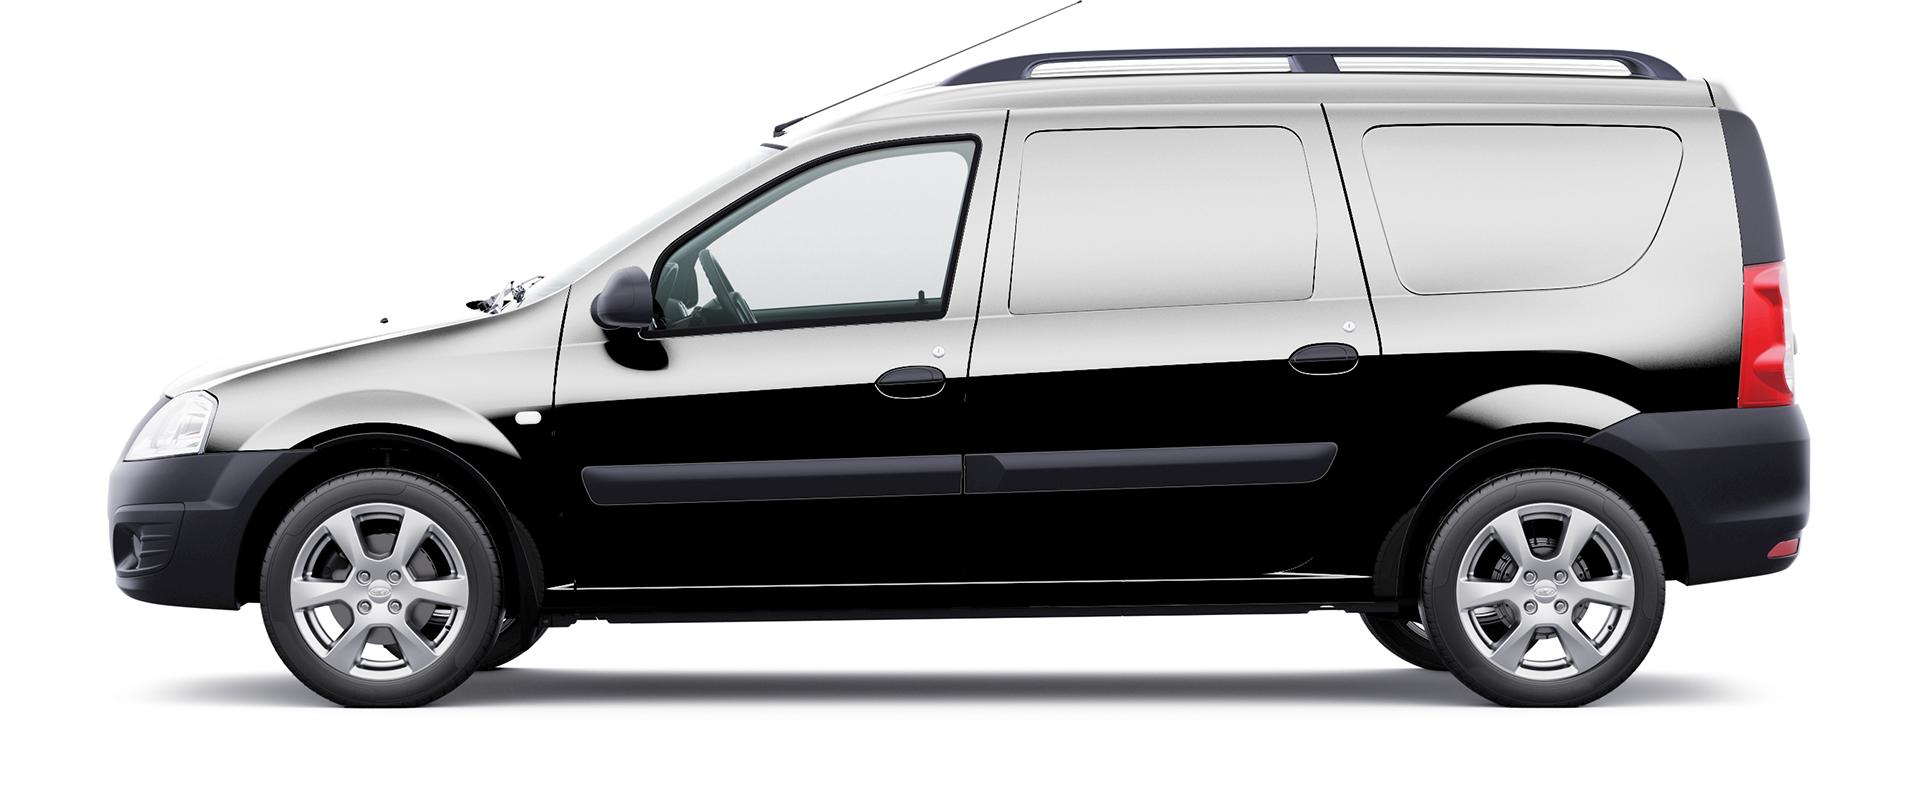 LADA Largus фургон CNG -  Официальный сайт LADA